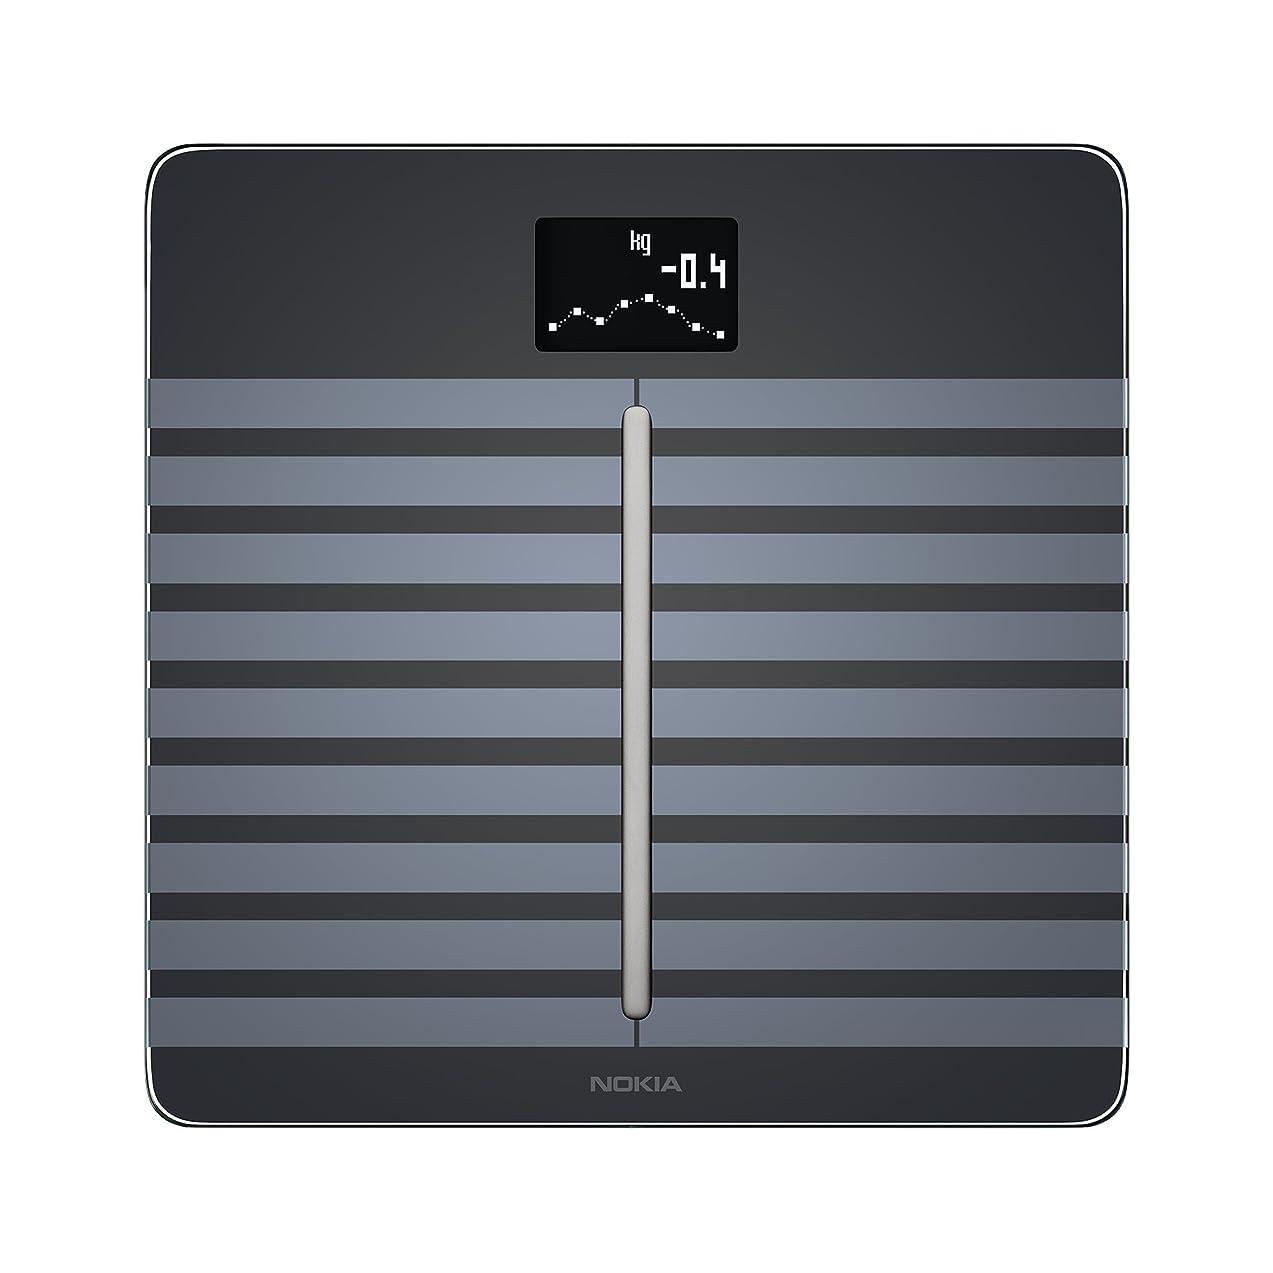 苦無意識強調するWithings スマート体重計 Body Cardio ブラック Wi-Fi/Bluetooth対応 心臓の健康チェック&体組成計 【日本正規代理店品】 WBS04-BLACK-ALL-ASIA